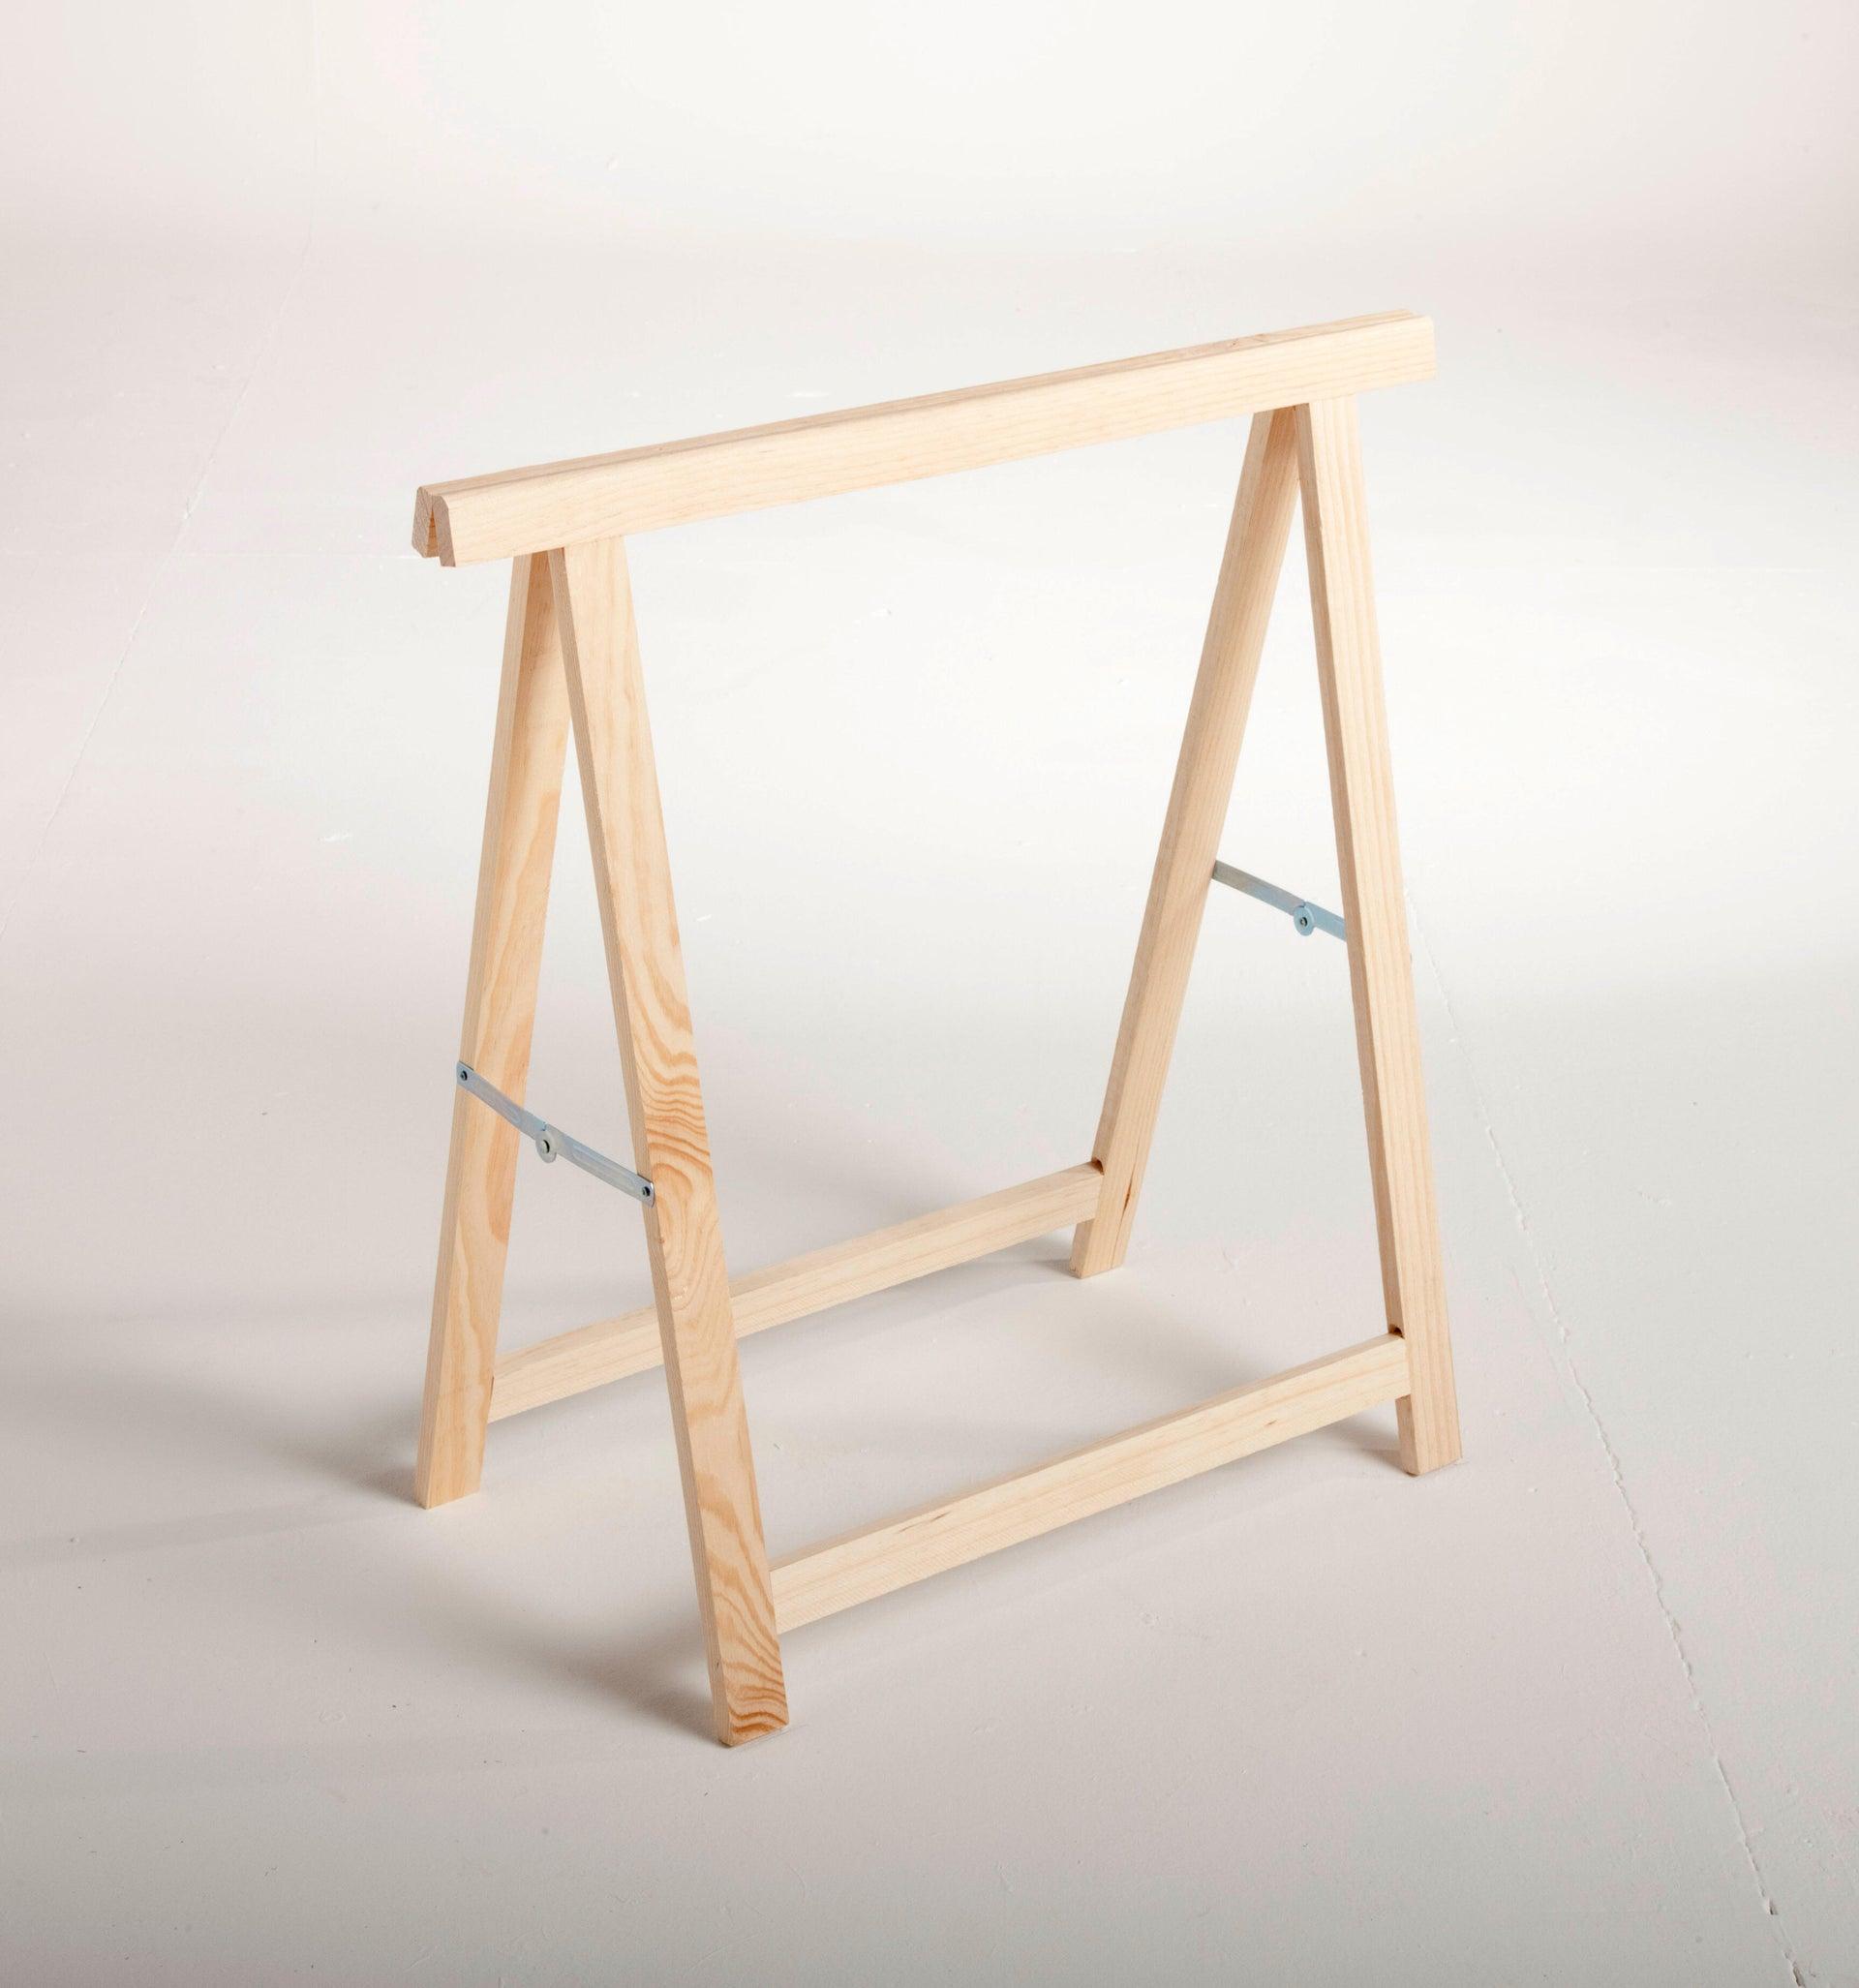 Cavalletto in pino Standard L 73.5 x P 73.5 x H 74 cm legno naturale - 8